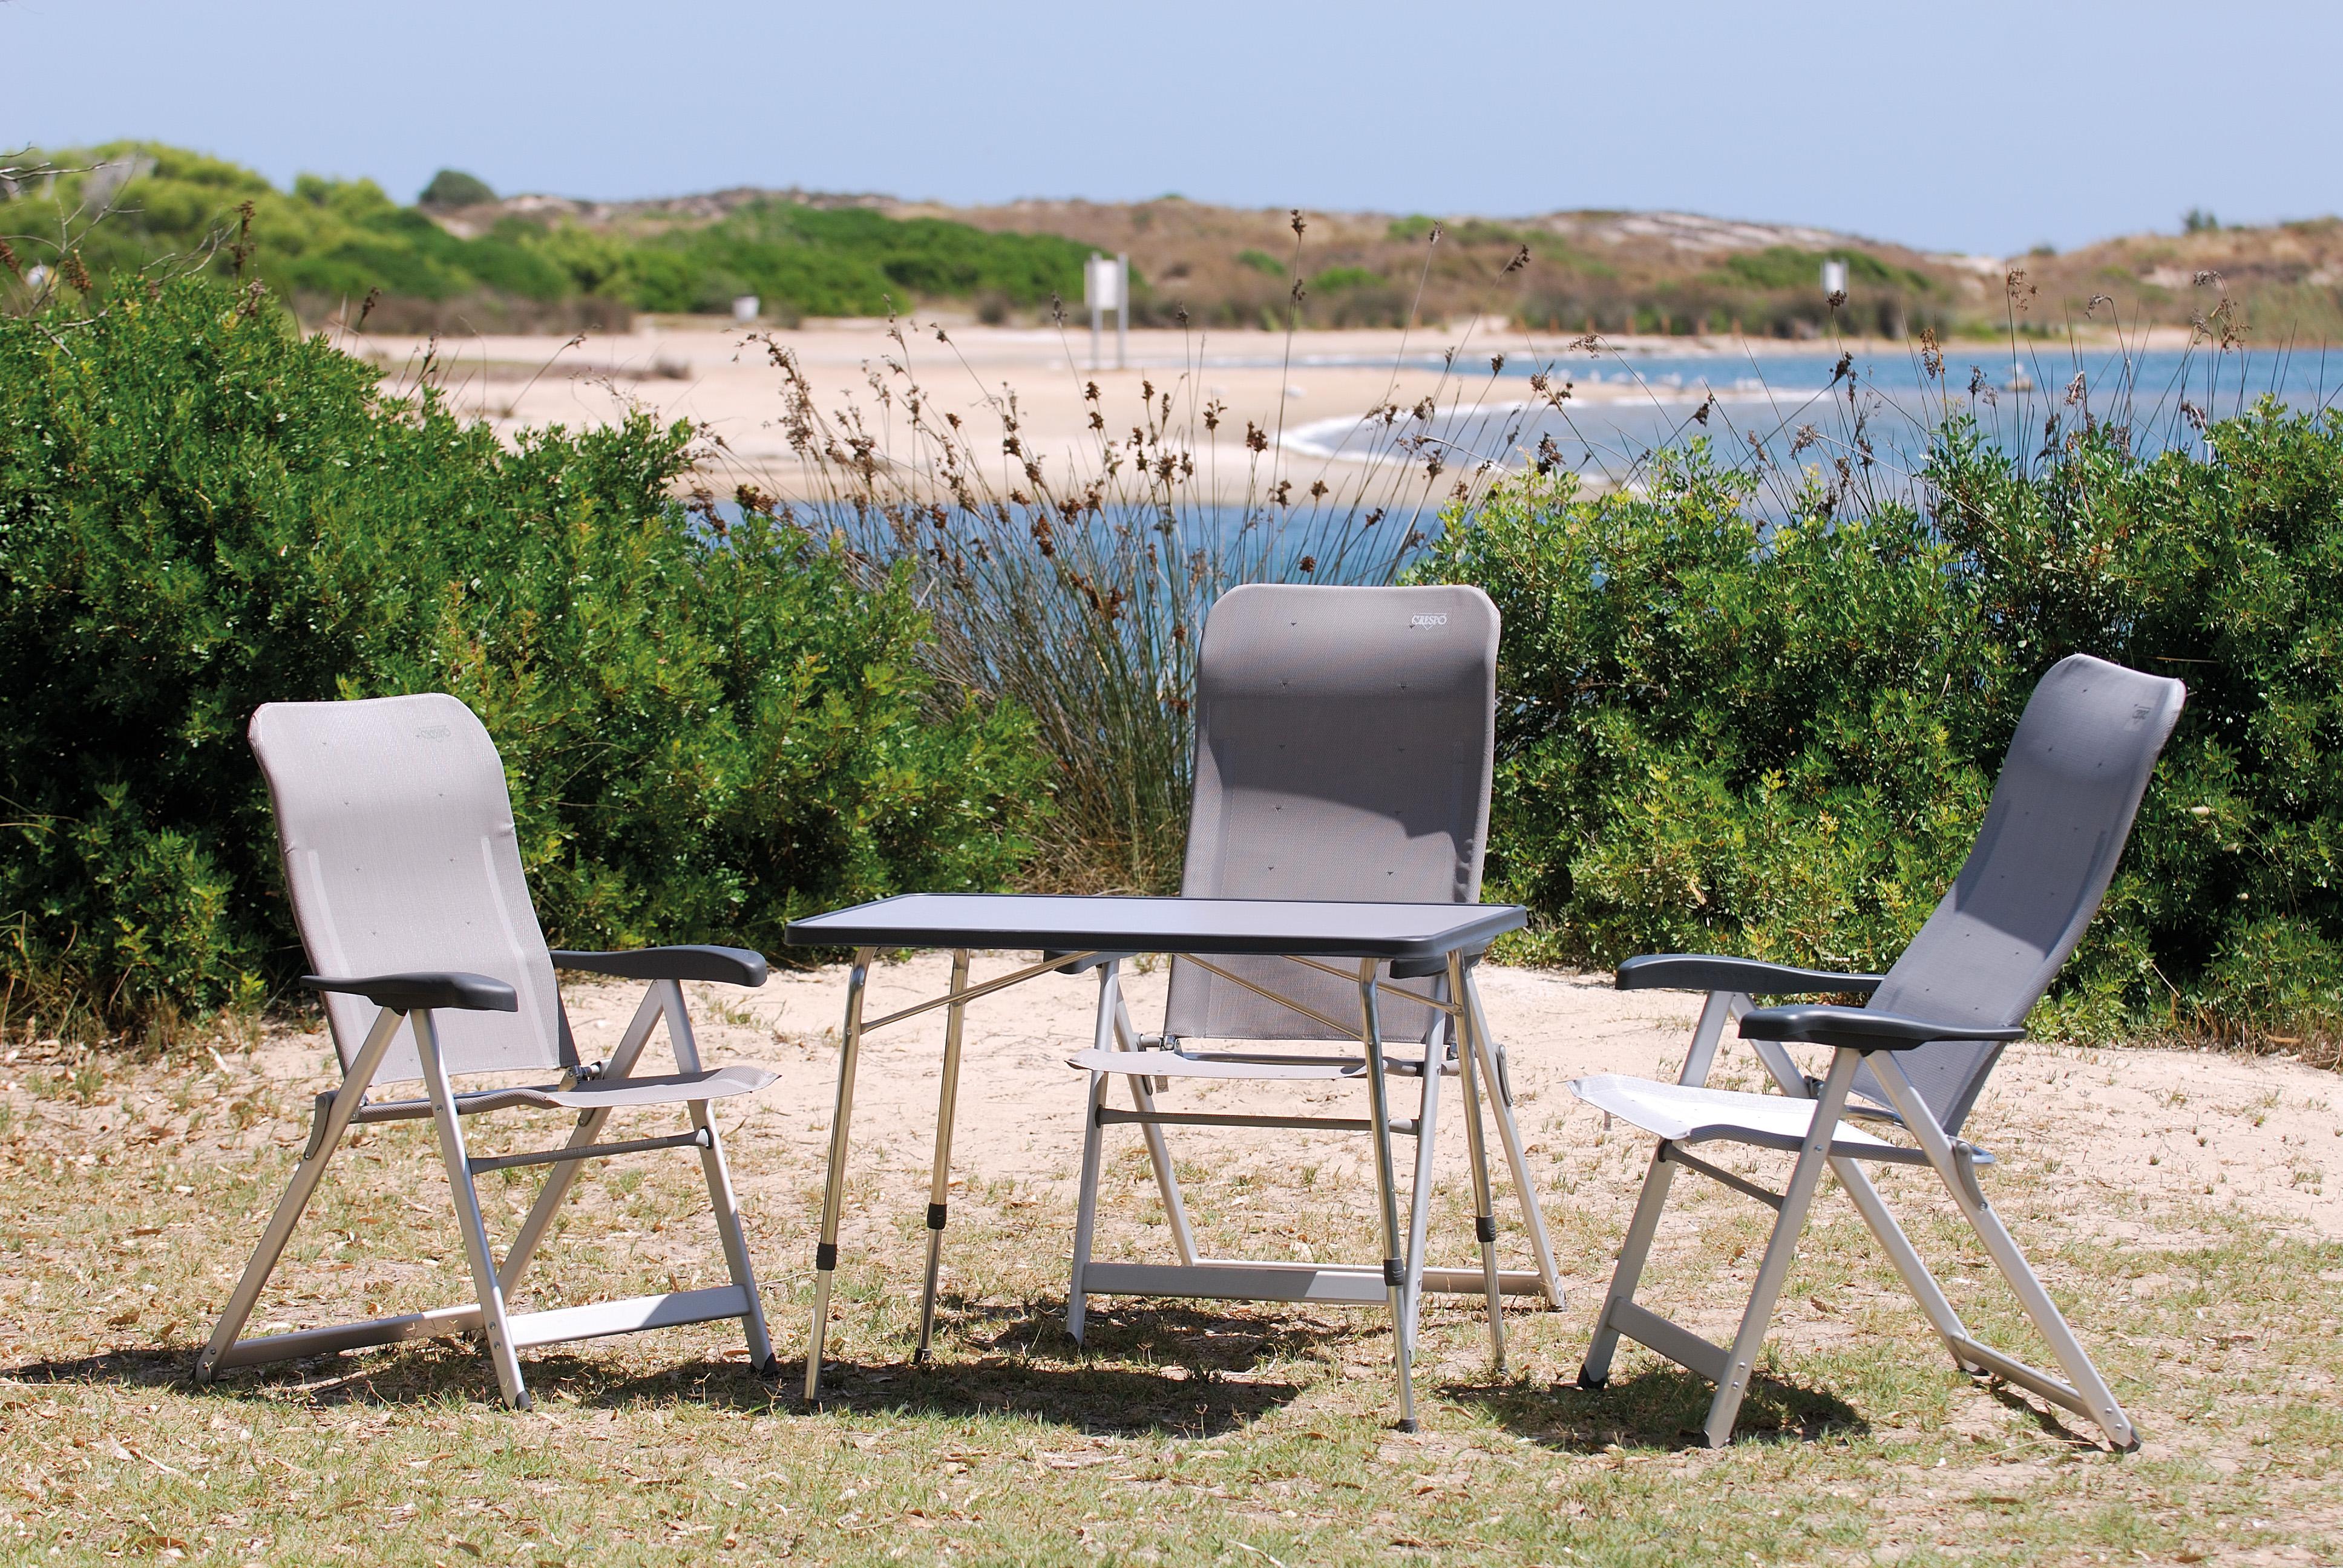 Tienda de mesas y sillas muebles jardin madera de teka teca with tienda de mesas y sillas - Sillas plegables de camping ...